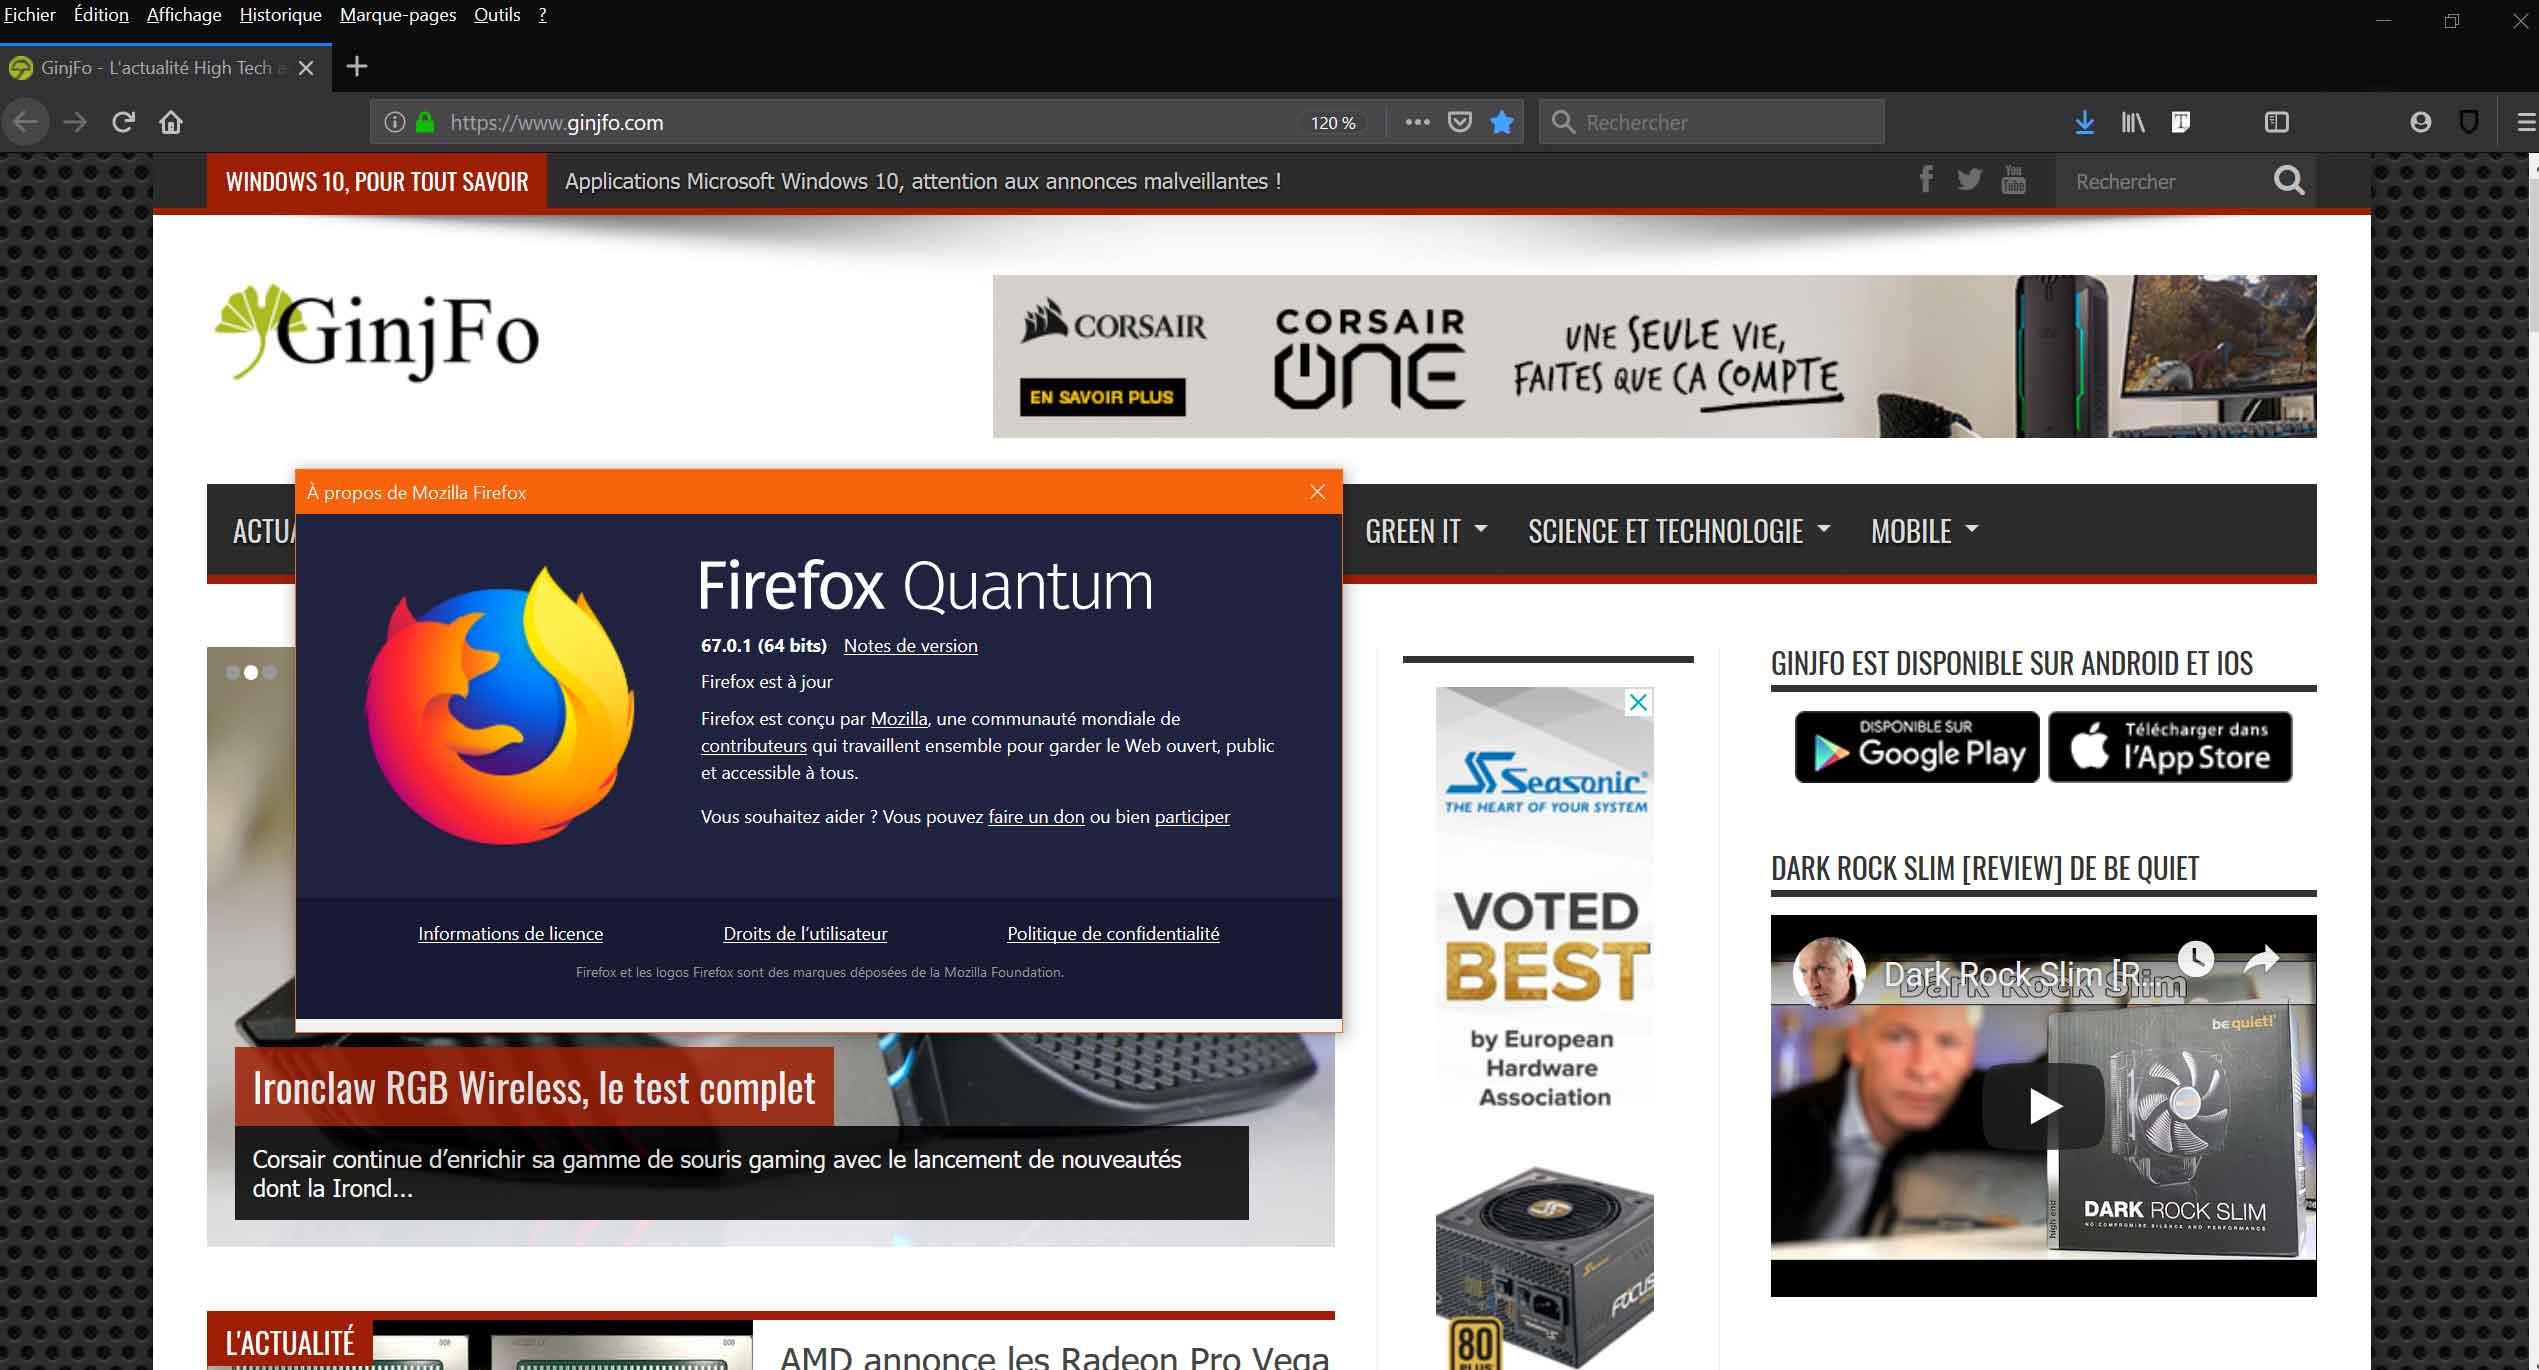 Navigateur Mozilla Firefox 67.0.1